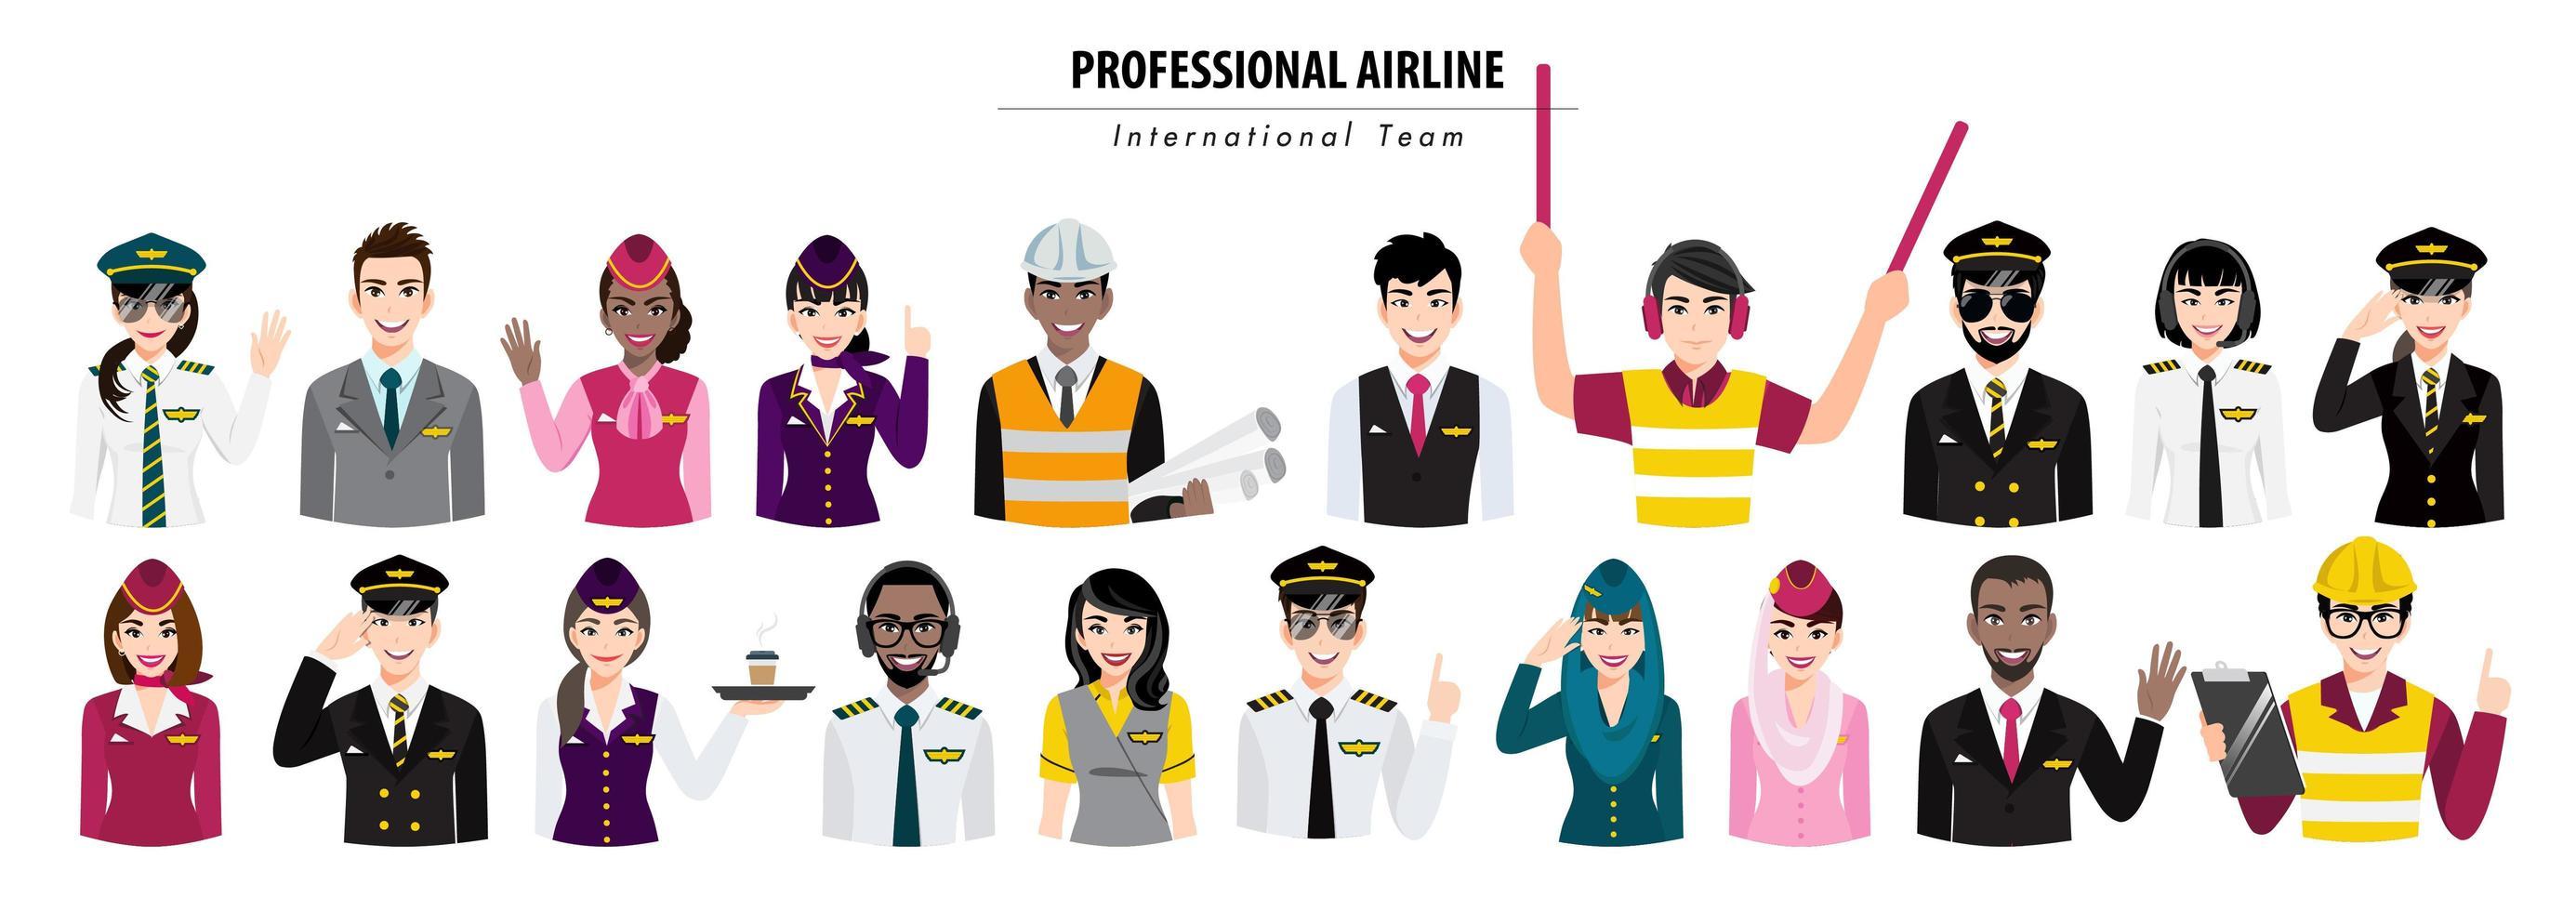 Trabajadores de aerolíneas profesionales de medio cuerpo y banner de tripulación. vector